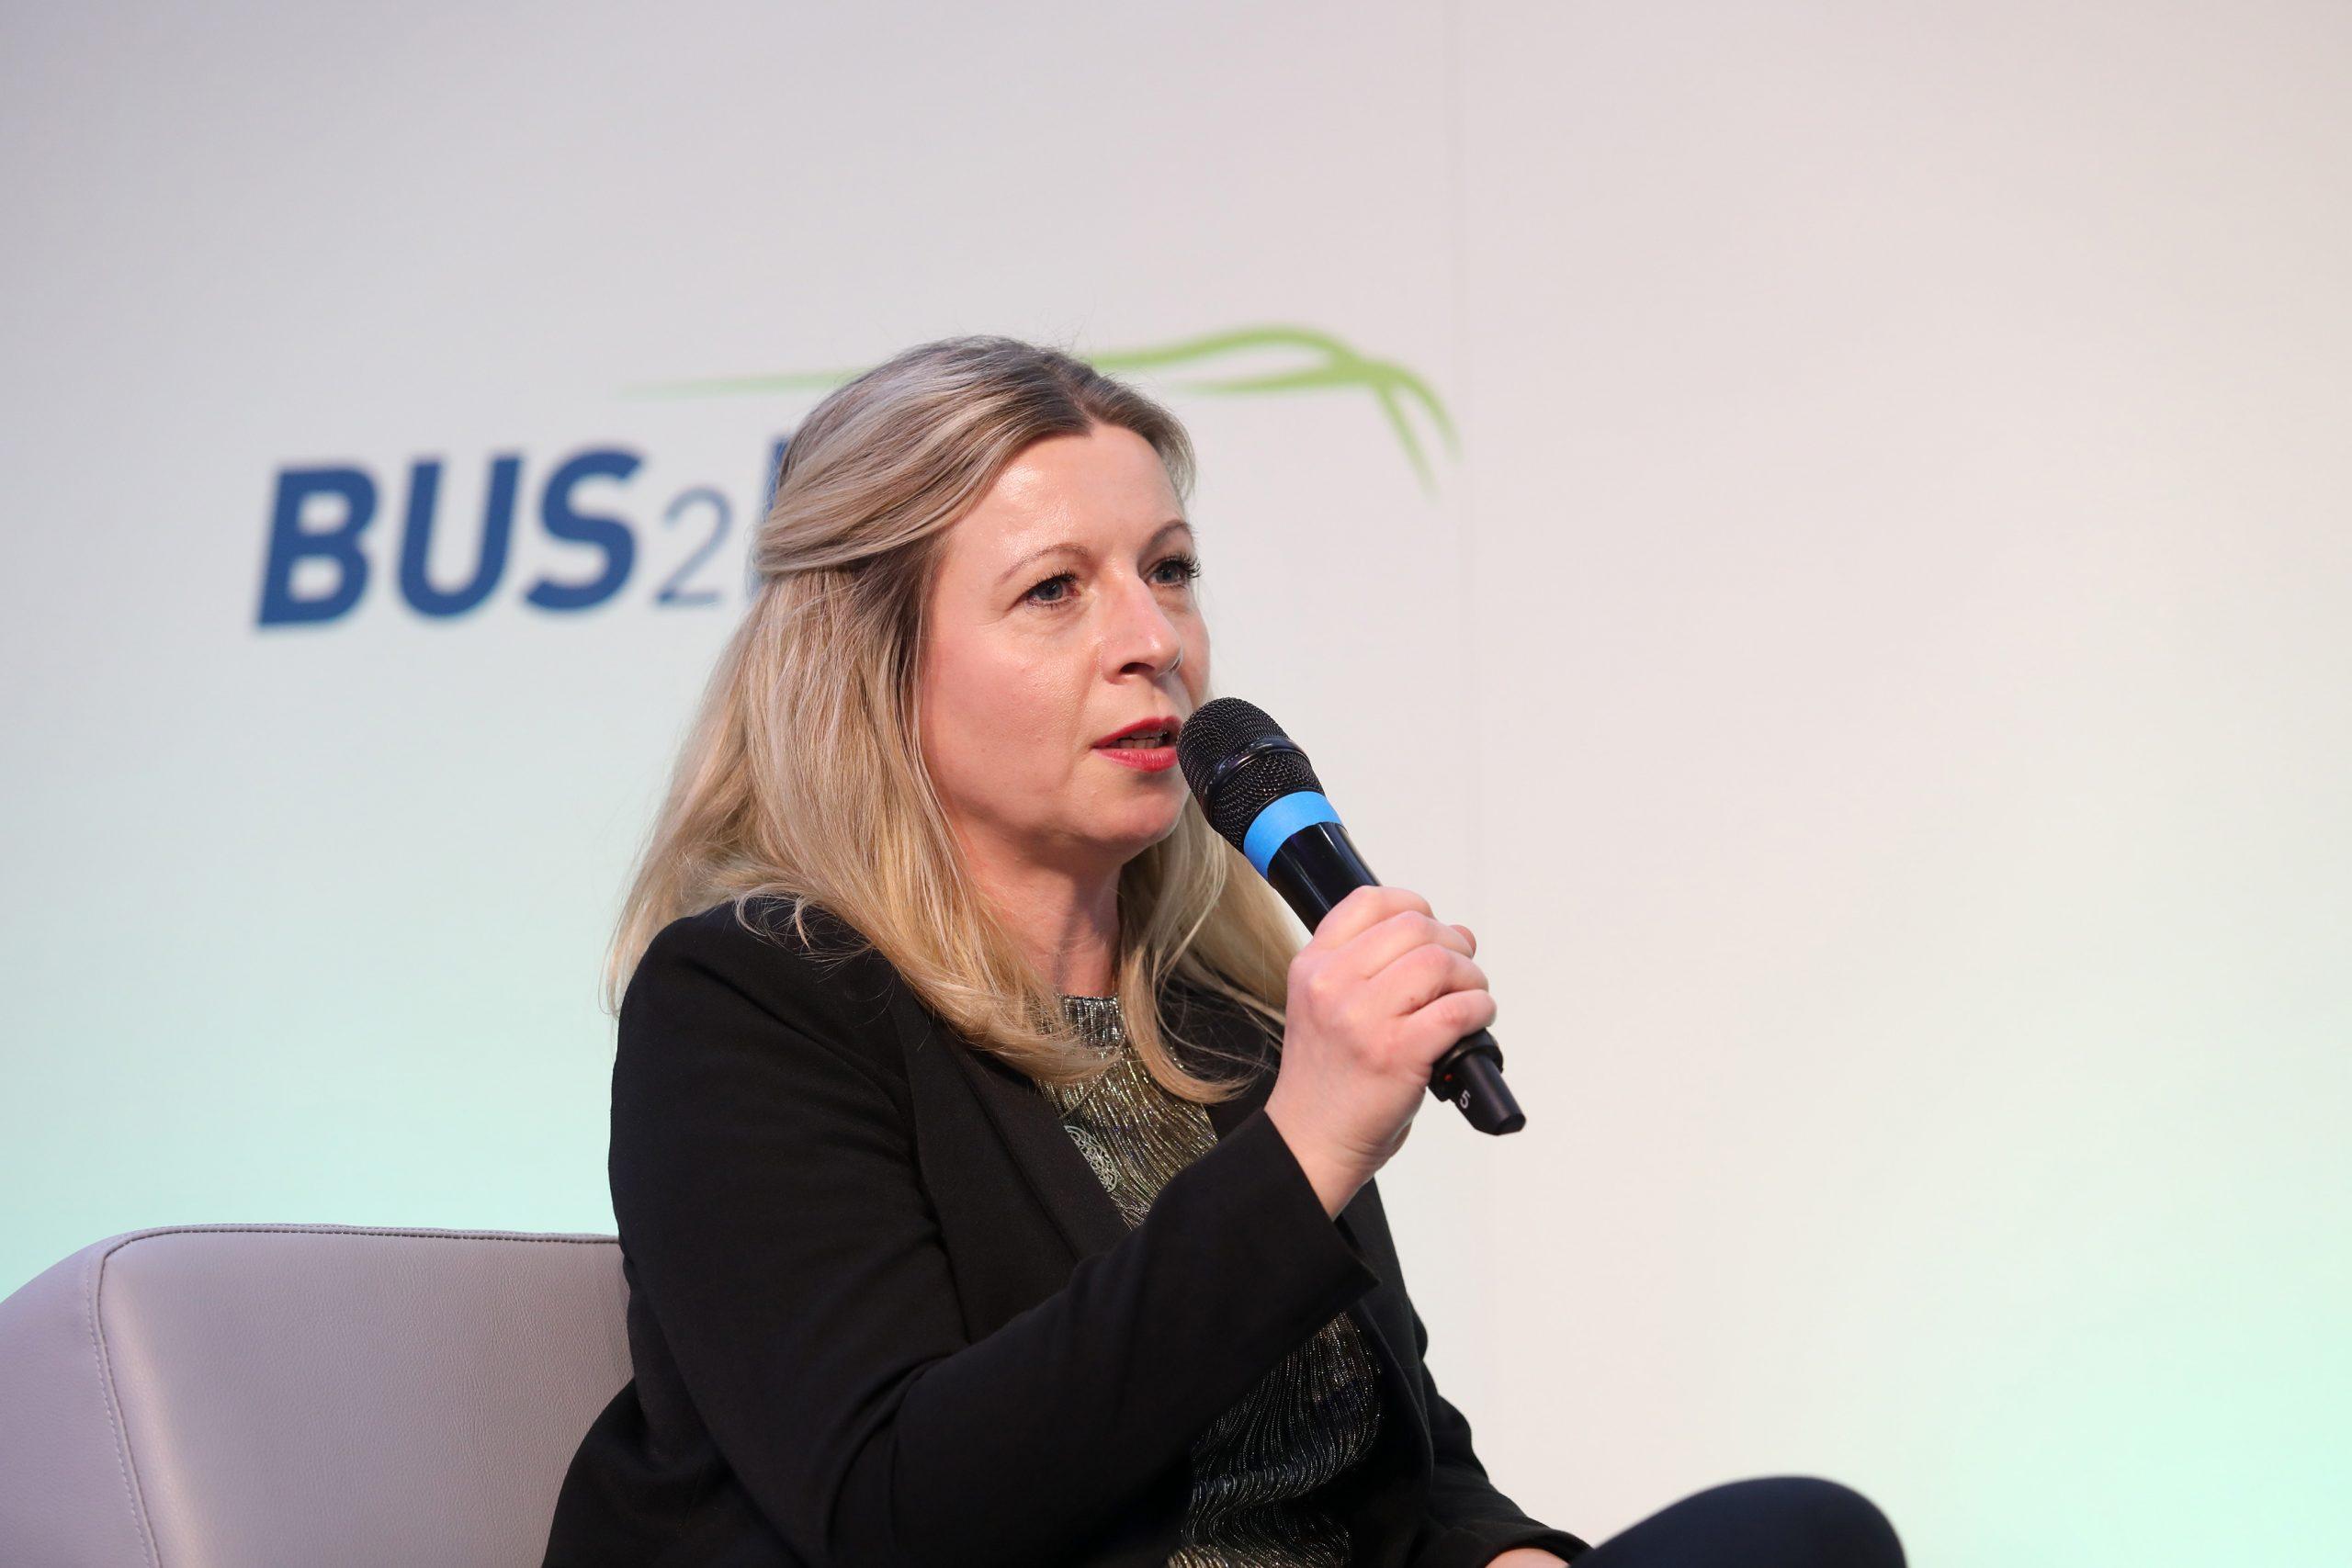 Die BUS2BUS wechselt ins Jahr 2022. Das hat die Messe Berlin in Abstimmung mit nationalen und internationalen Marktführern und dem Bundesverband Deutscher Omnibusunternehmer (bdo) entschieden.